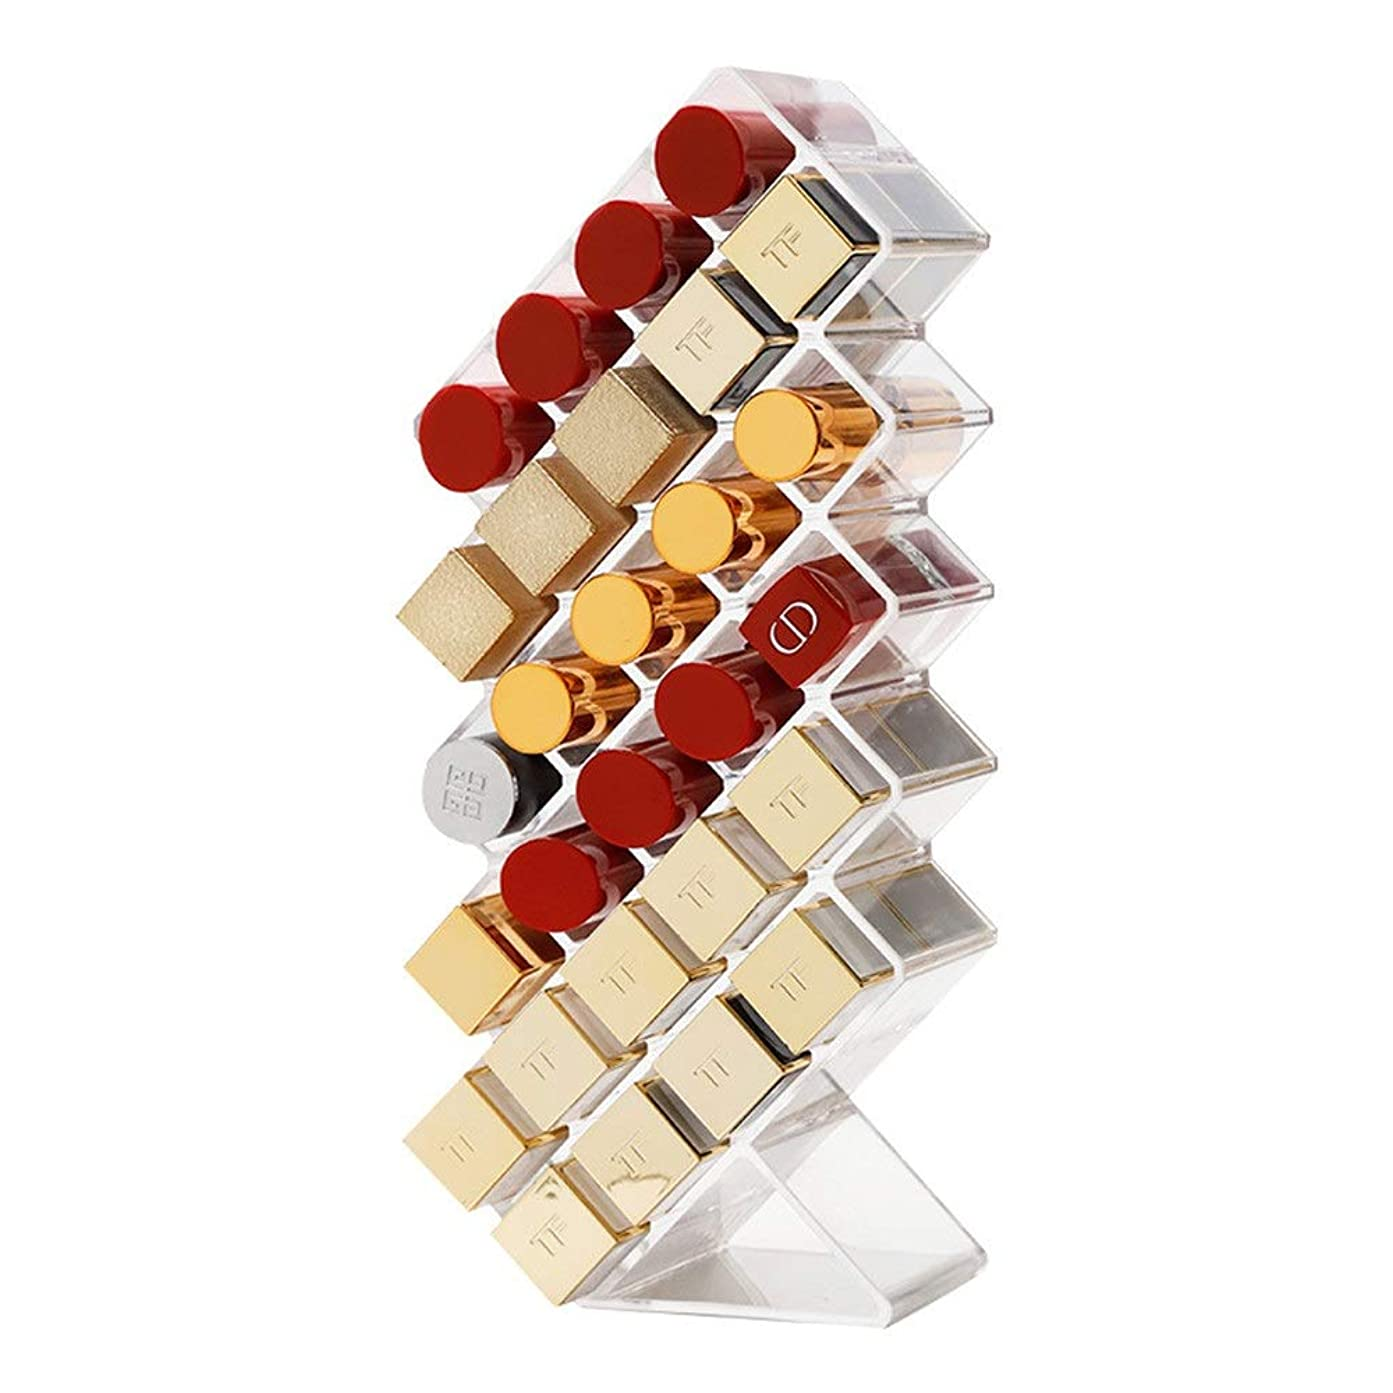 壊すミトン億化粧品収納ボックス 透明な化粧品ストレージボックスアクリル棚ディスプレイスタンドを仕上げ口紅ストレージボックスマルチグリッドドレッシングテーブル 収納 アクリルケース レディース (Color : Clear, Size : M)